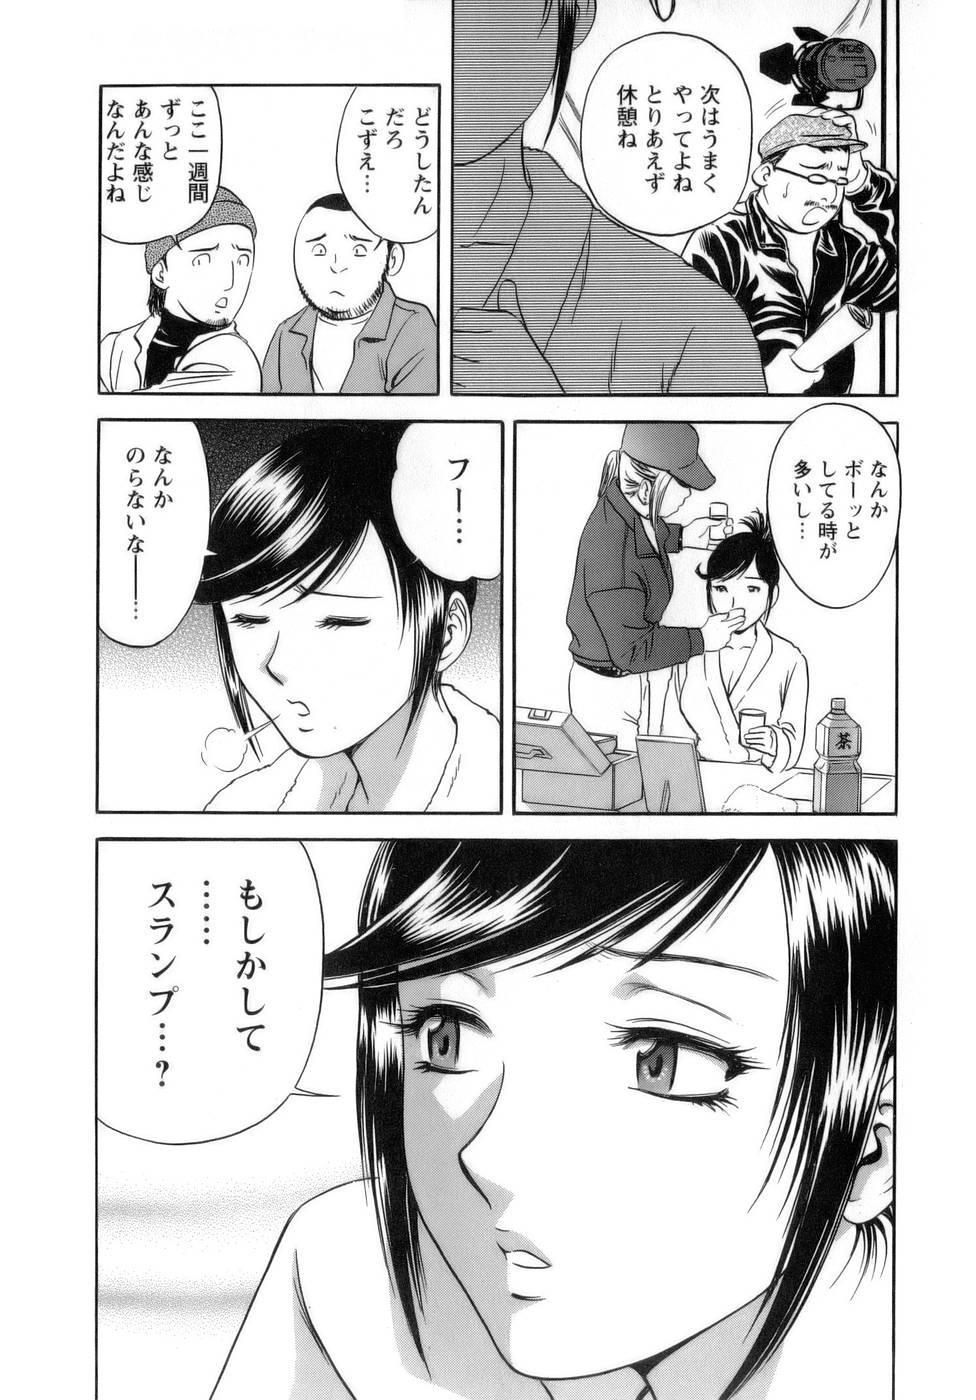 [Hidemaru] Mo-Retsu! Boin Sensei (Boing Boing Teacher) Vol.1 95